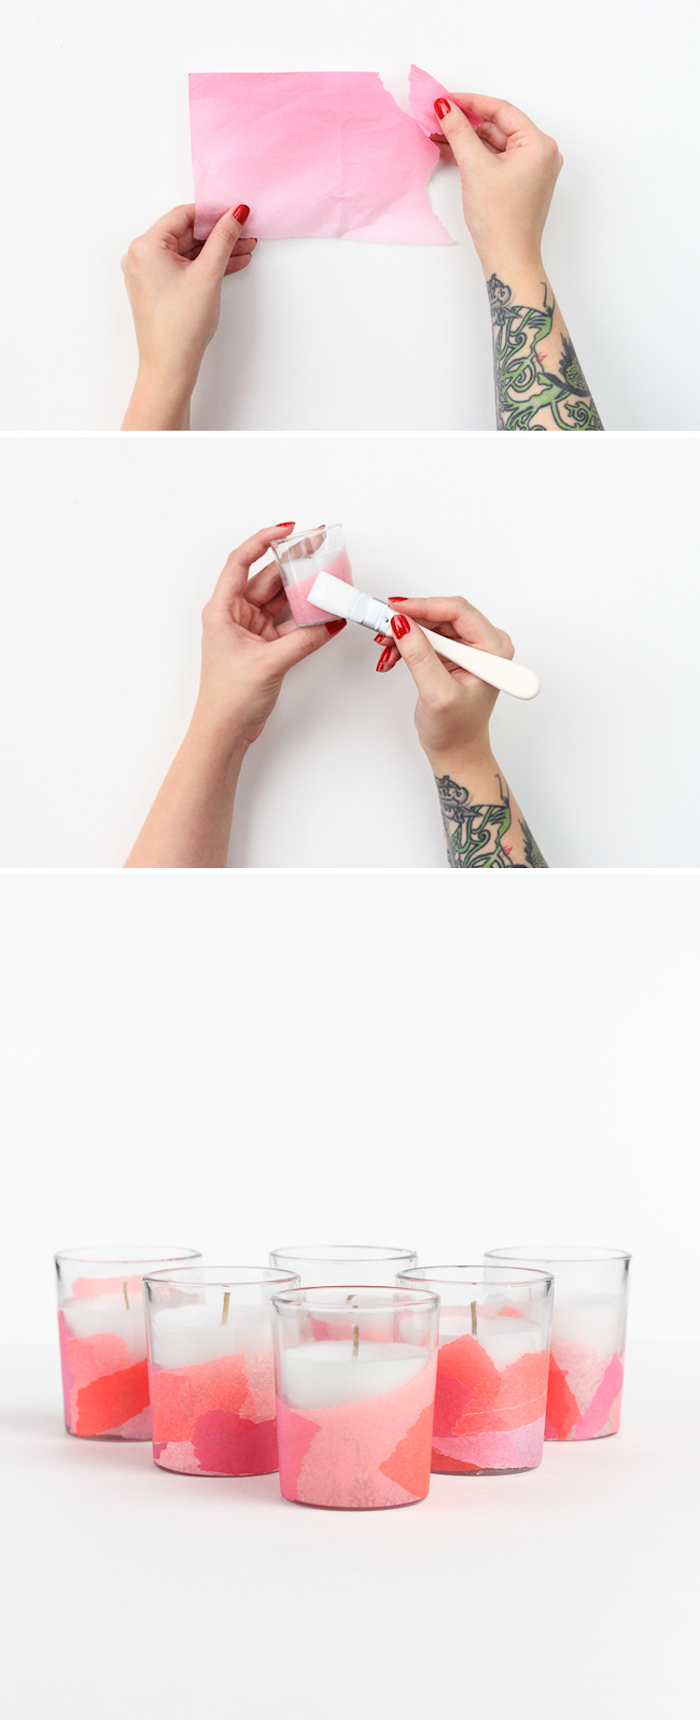 diy chambre ado des bougeoirs en verre personnalisés de papier de soie collé sur le support, activité manuelle adulte